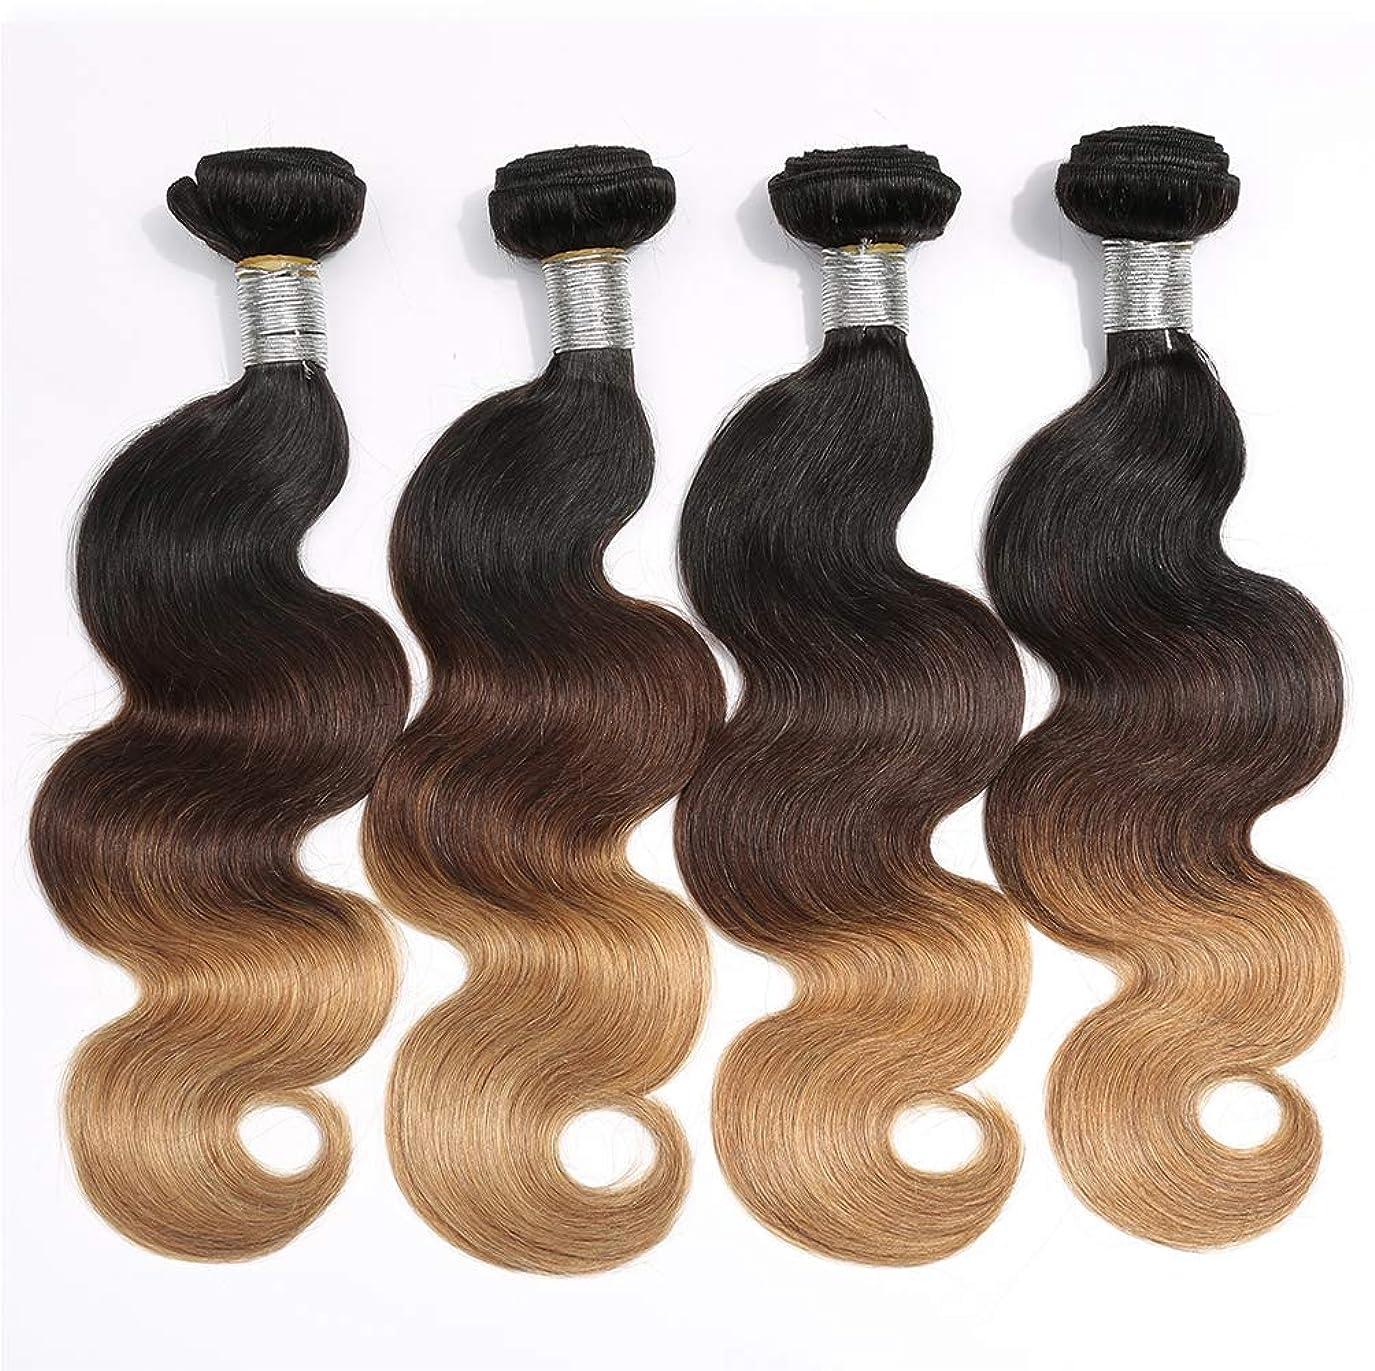 流用する保護五十女性150%密度ブラジル髪の束実体波1バンドル髪の束実体波人間の髪の毛のグラデーション